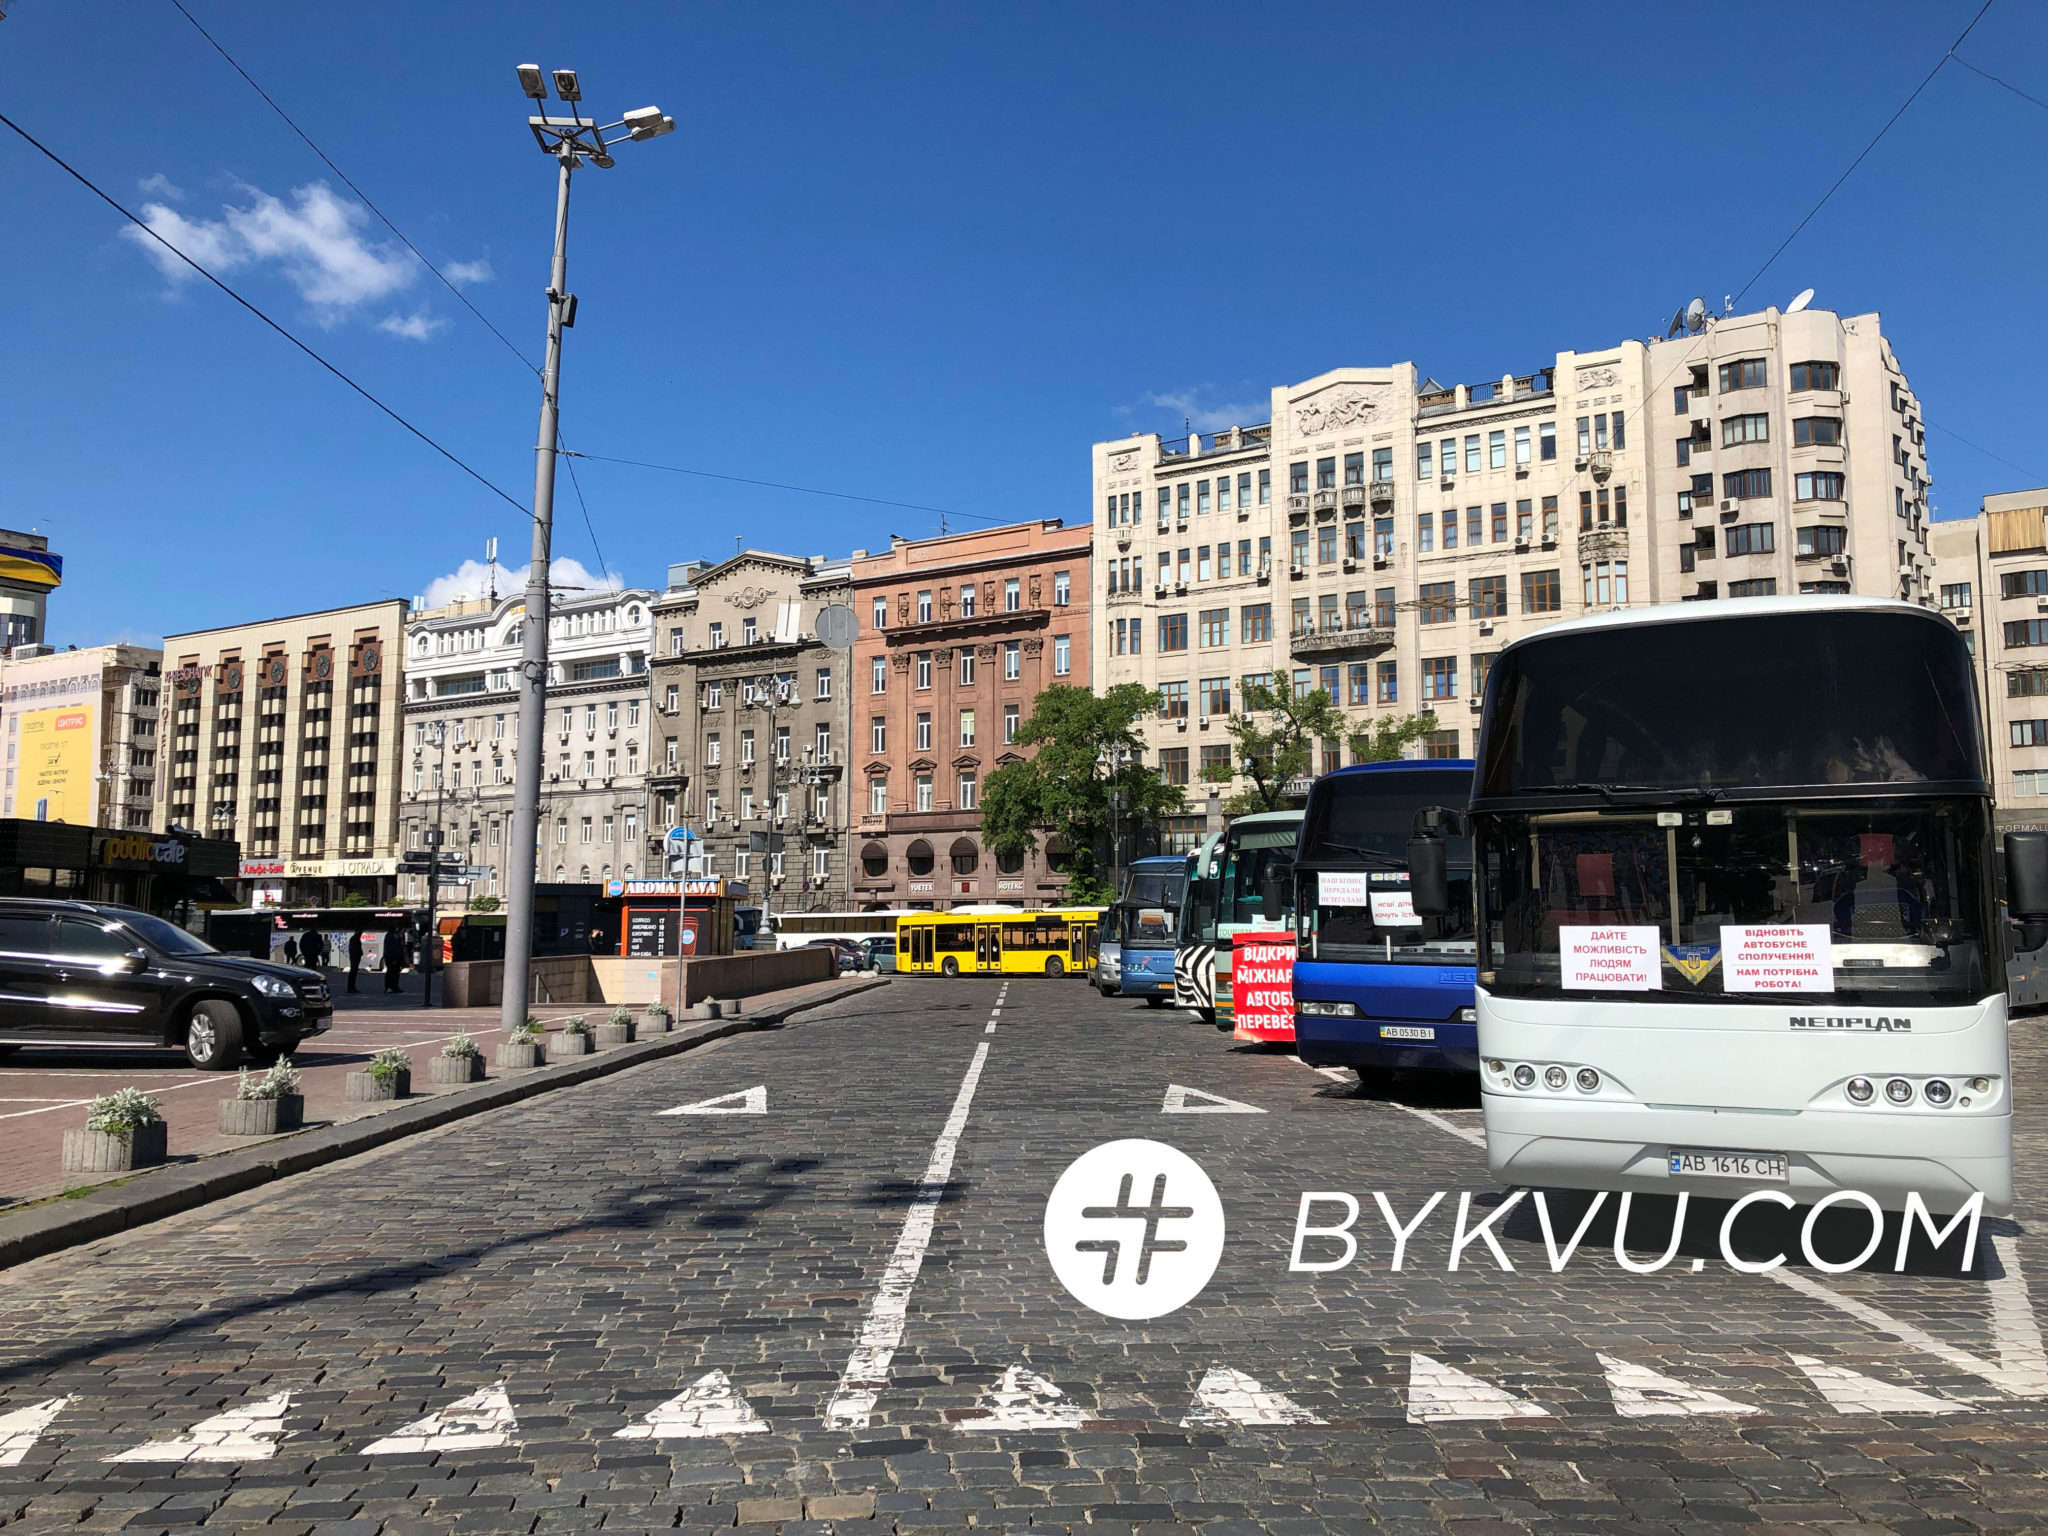 митинг автоперевозчиков_киев_13 мая